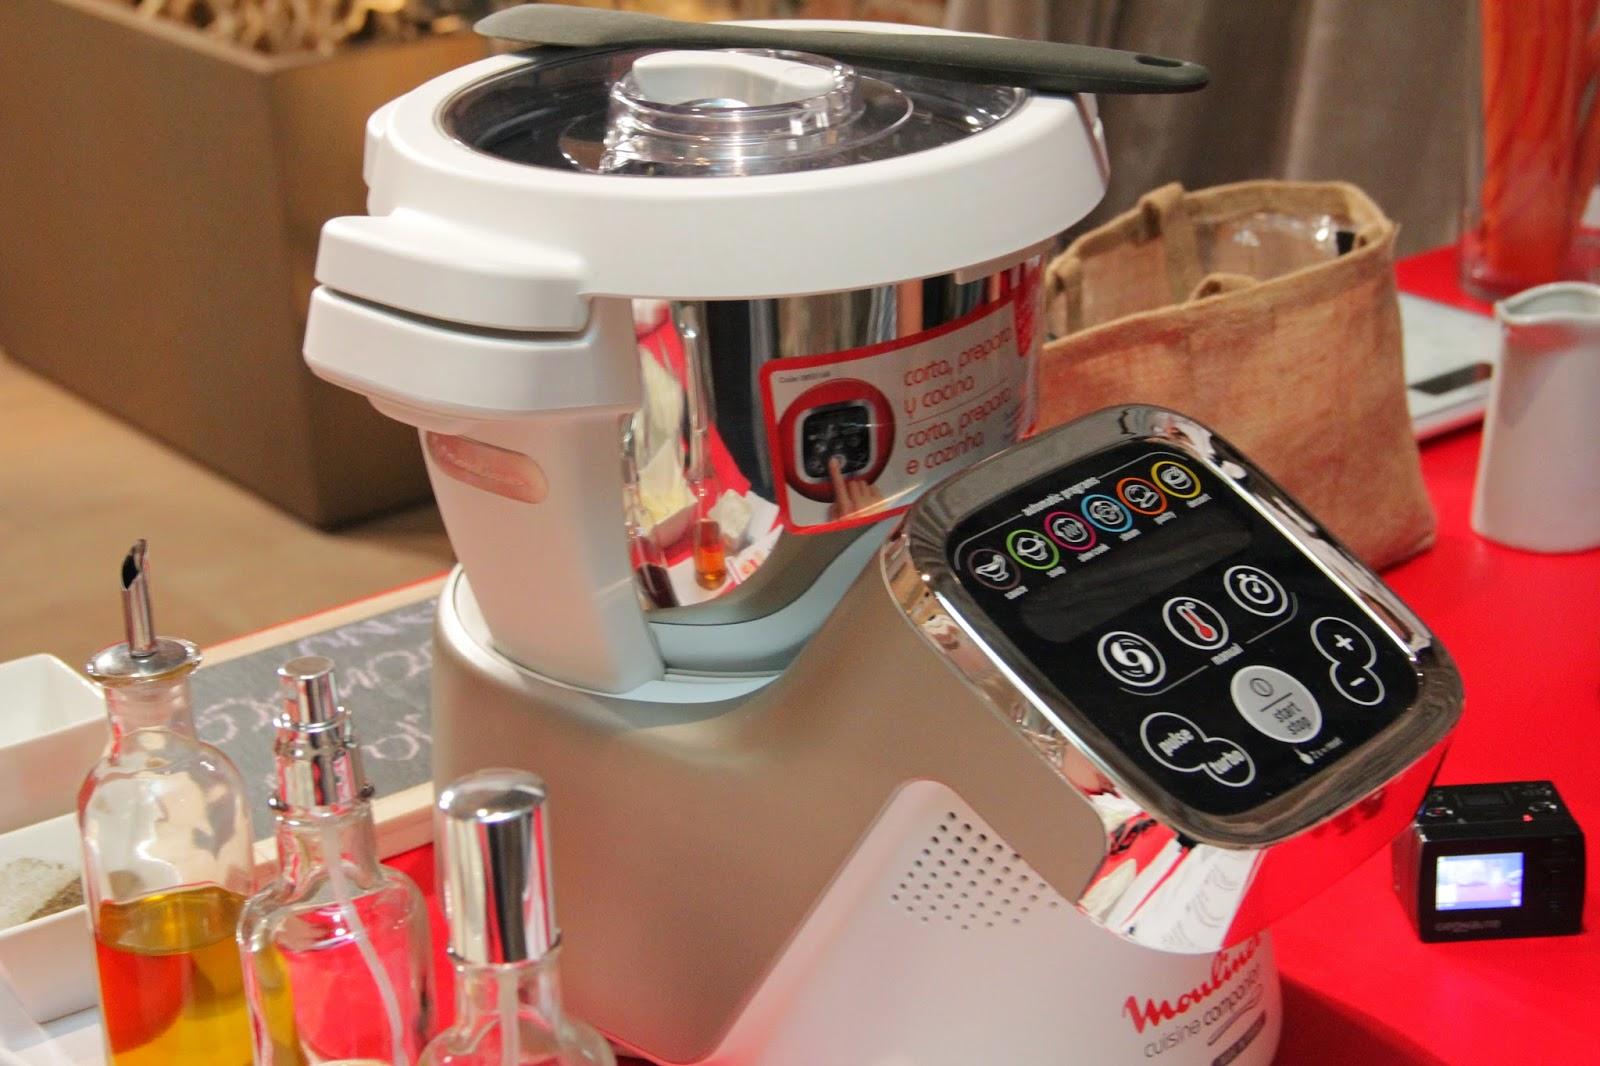 Lazy blog receta de risotto cl sico con jordi cruz en el robot cuisine companion de moulinex - Cocinar con robot ...